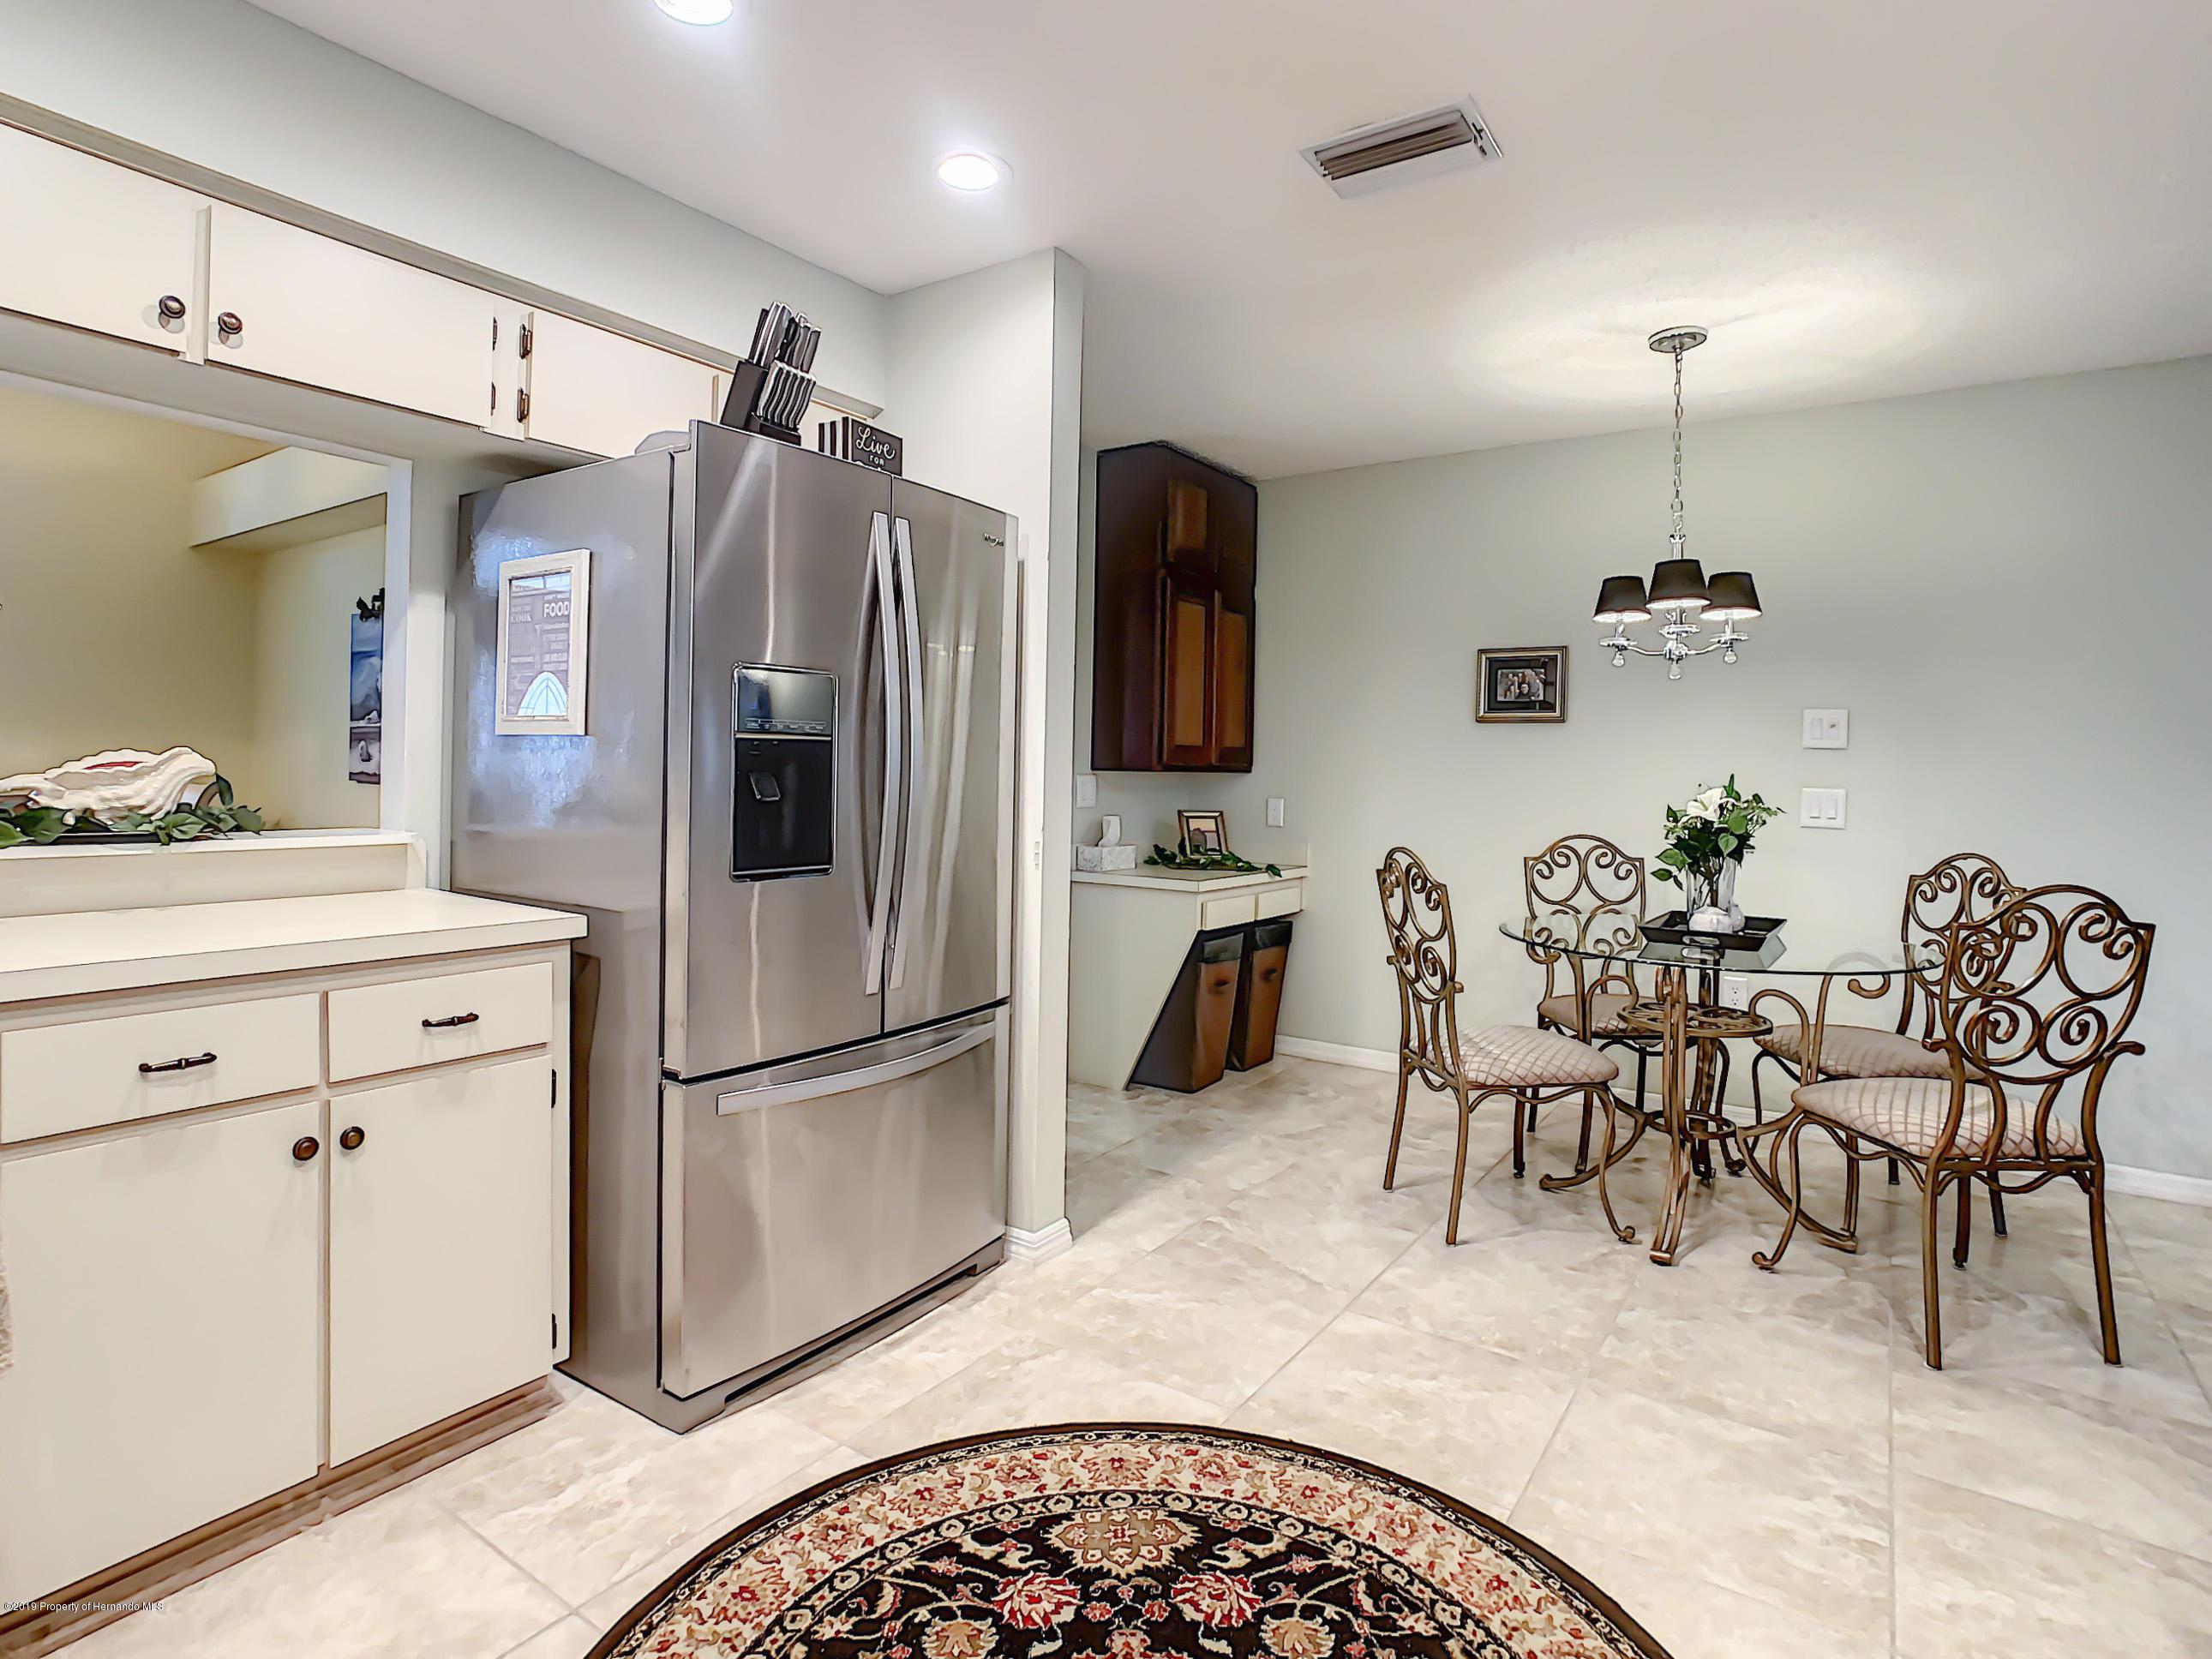 7093 Myrtlewood Lane, Spring Hill, Florida 34606, 3 Bedrooms Bedrooms, ,2 BathroomsBathrooms,Residential,For Sale,Myrtlewood,2206078